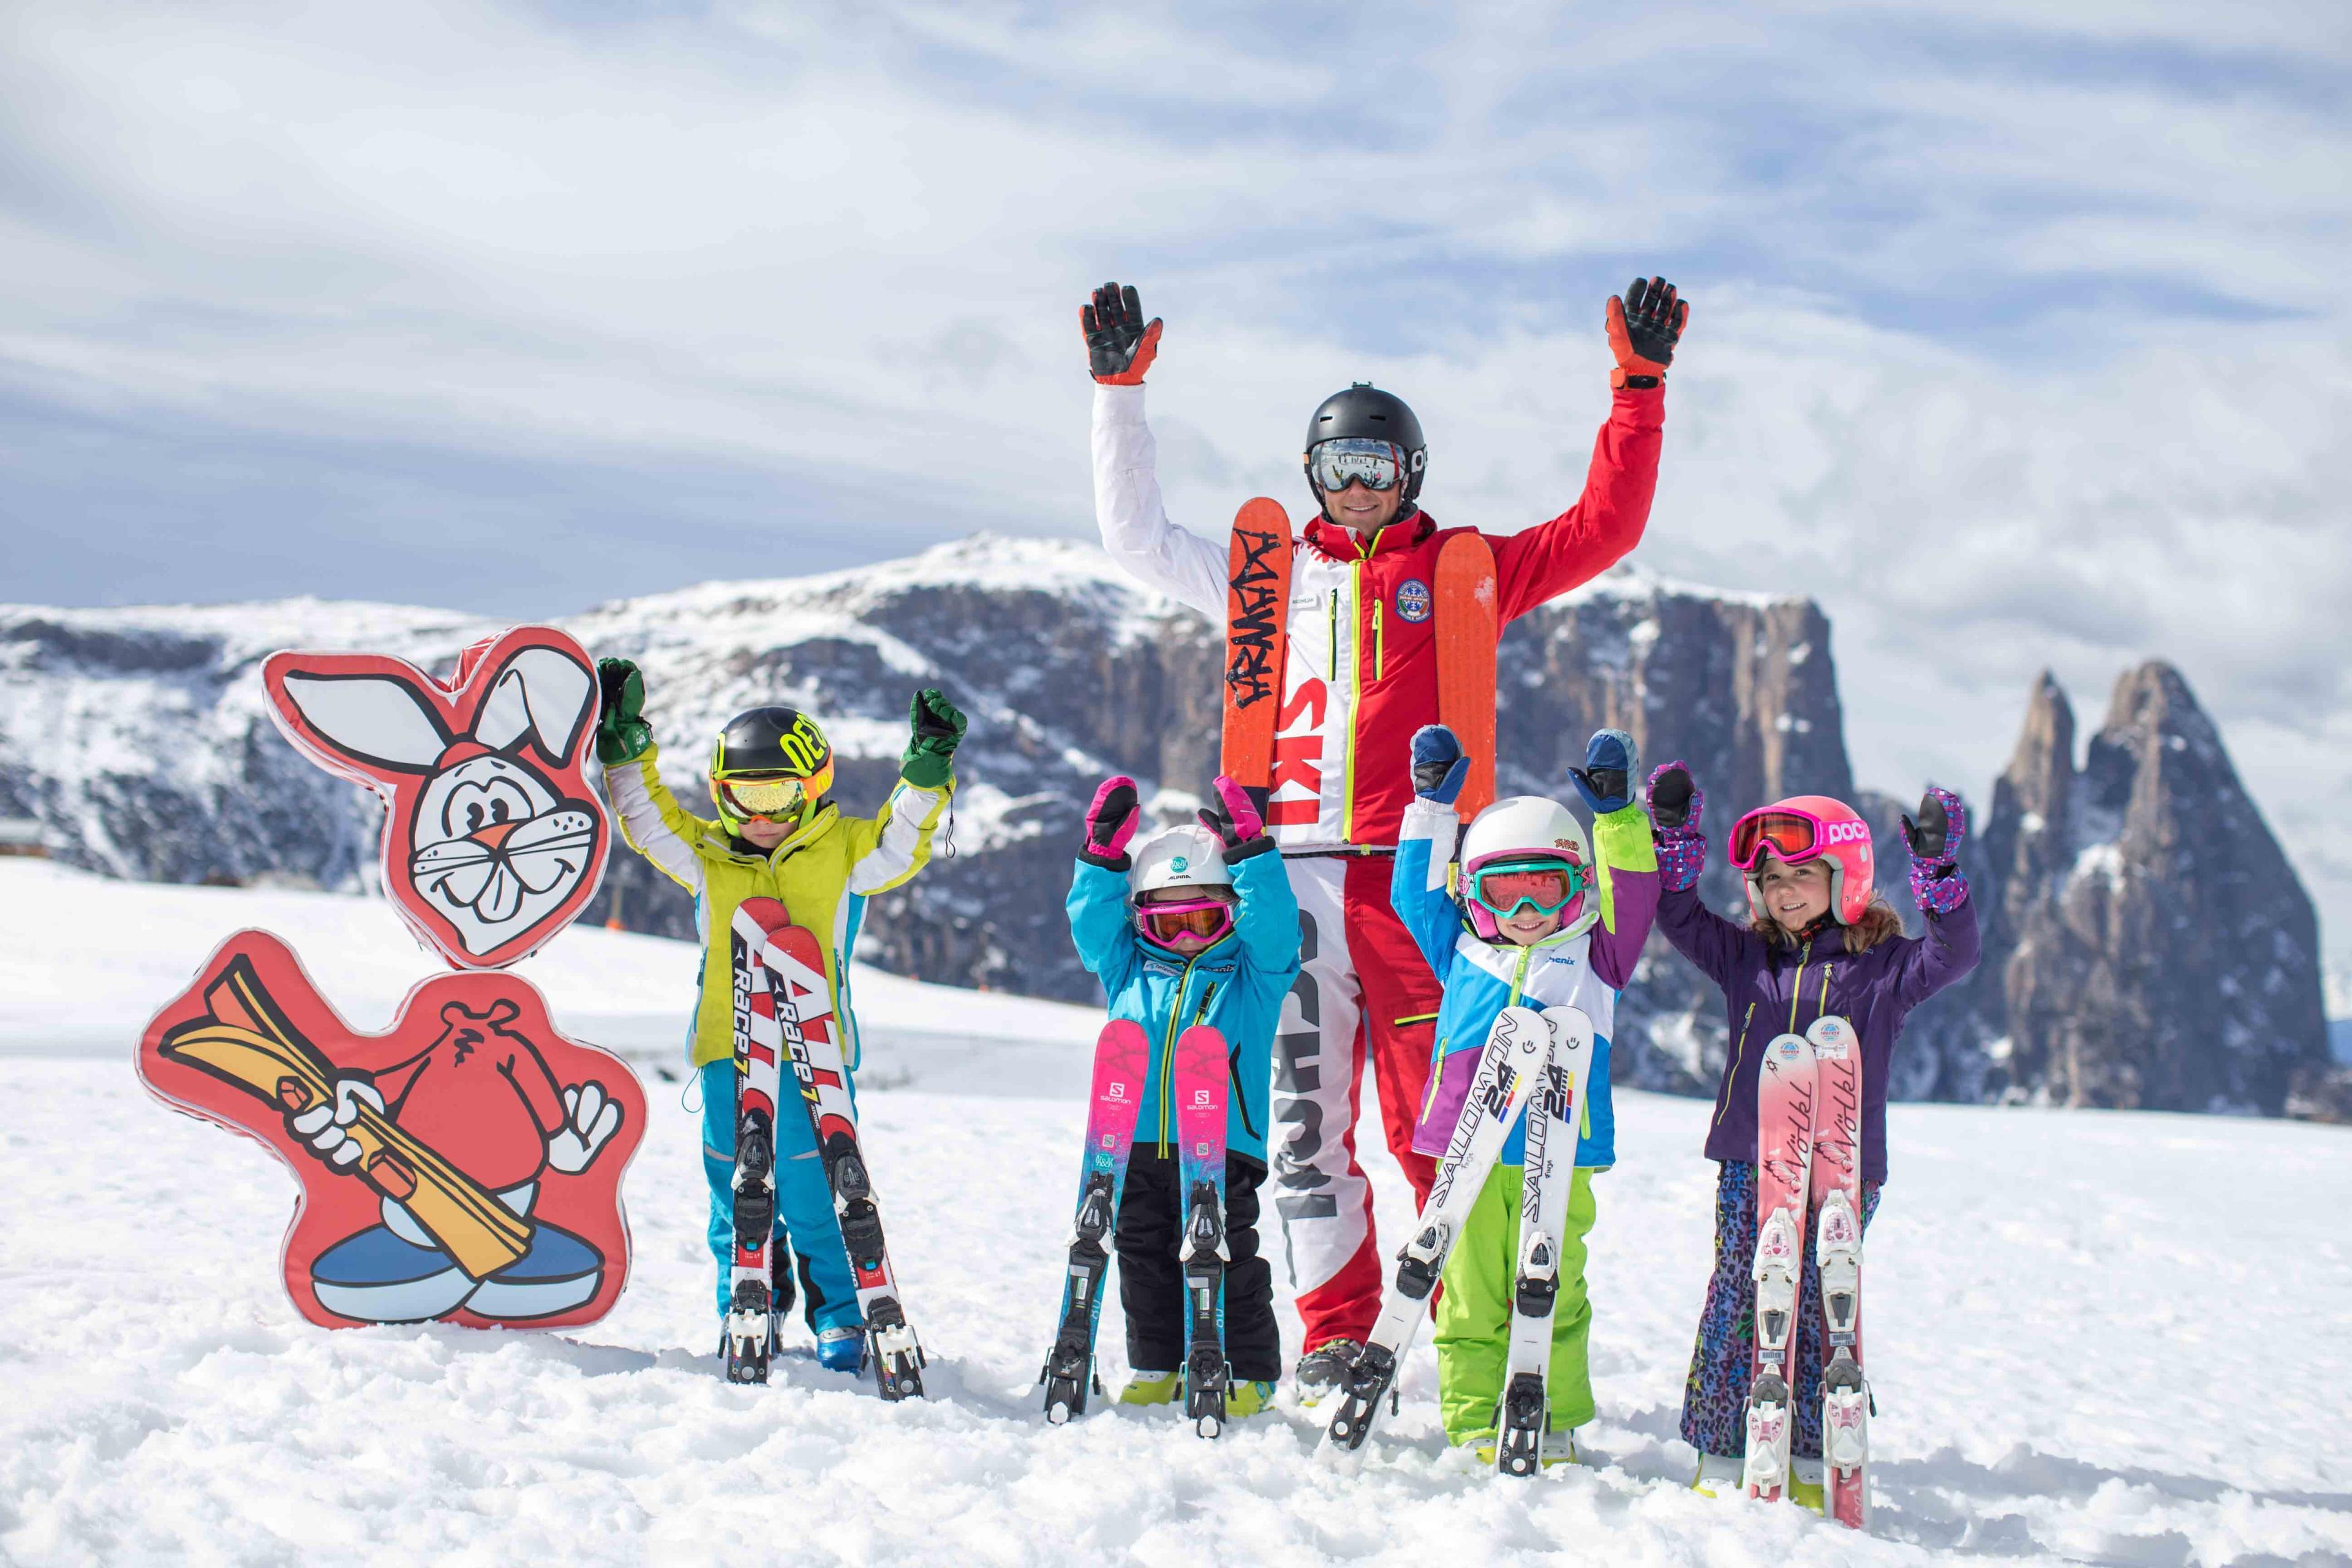 Cours de ski pour Enfants - Premier cours